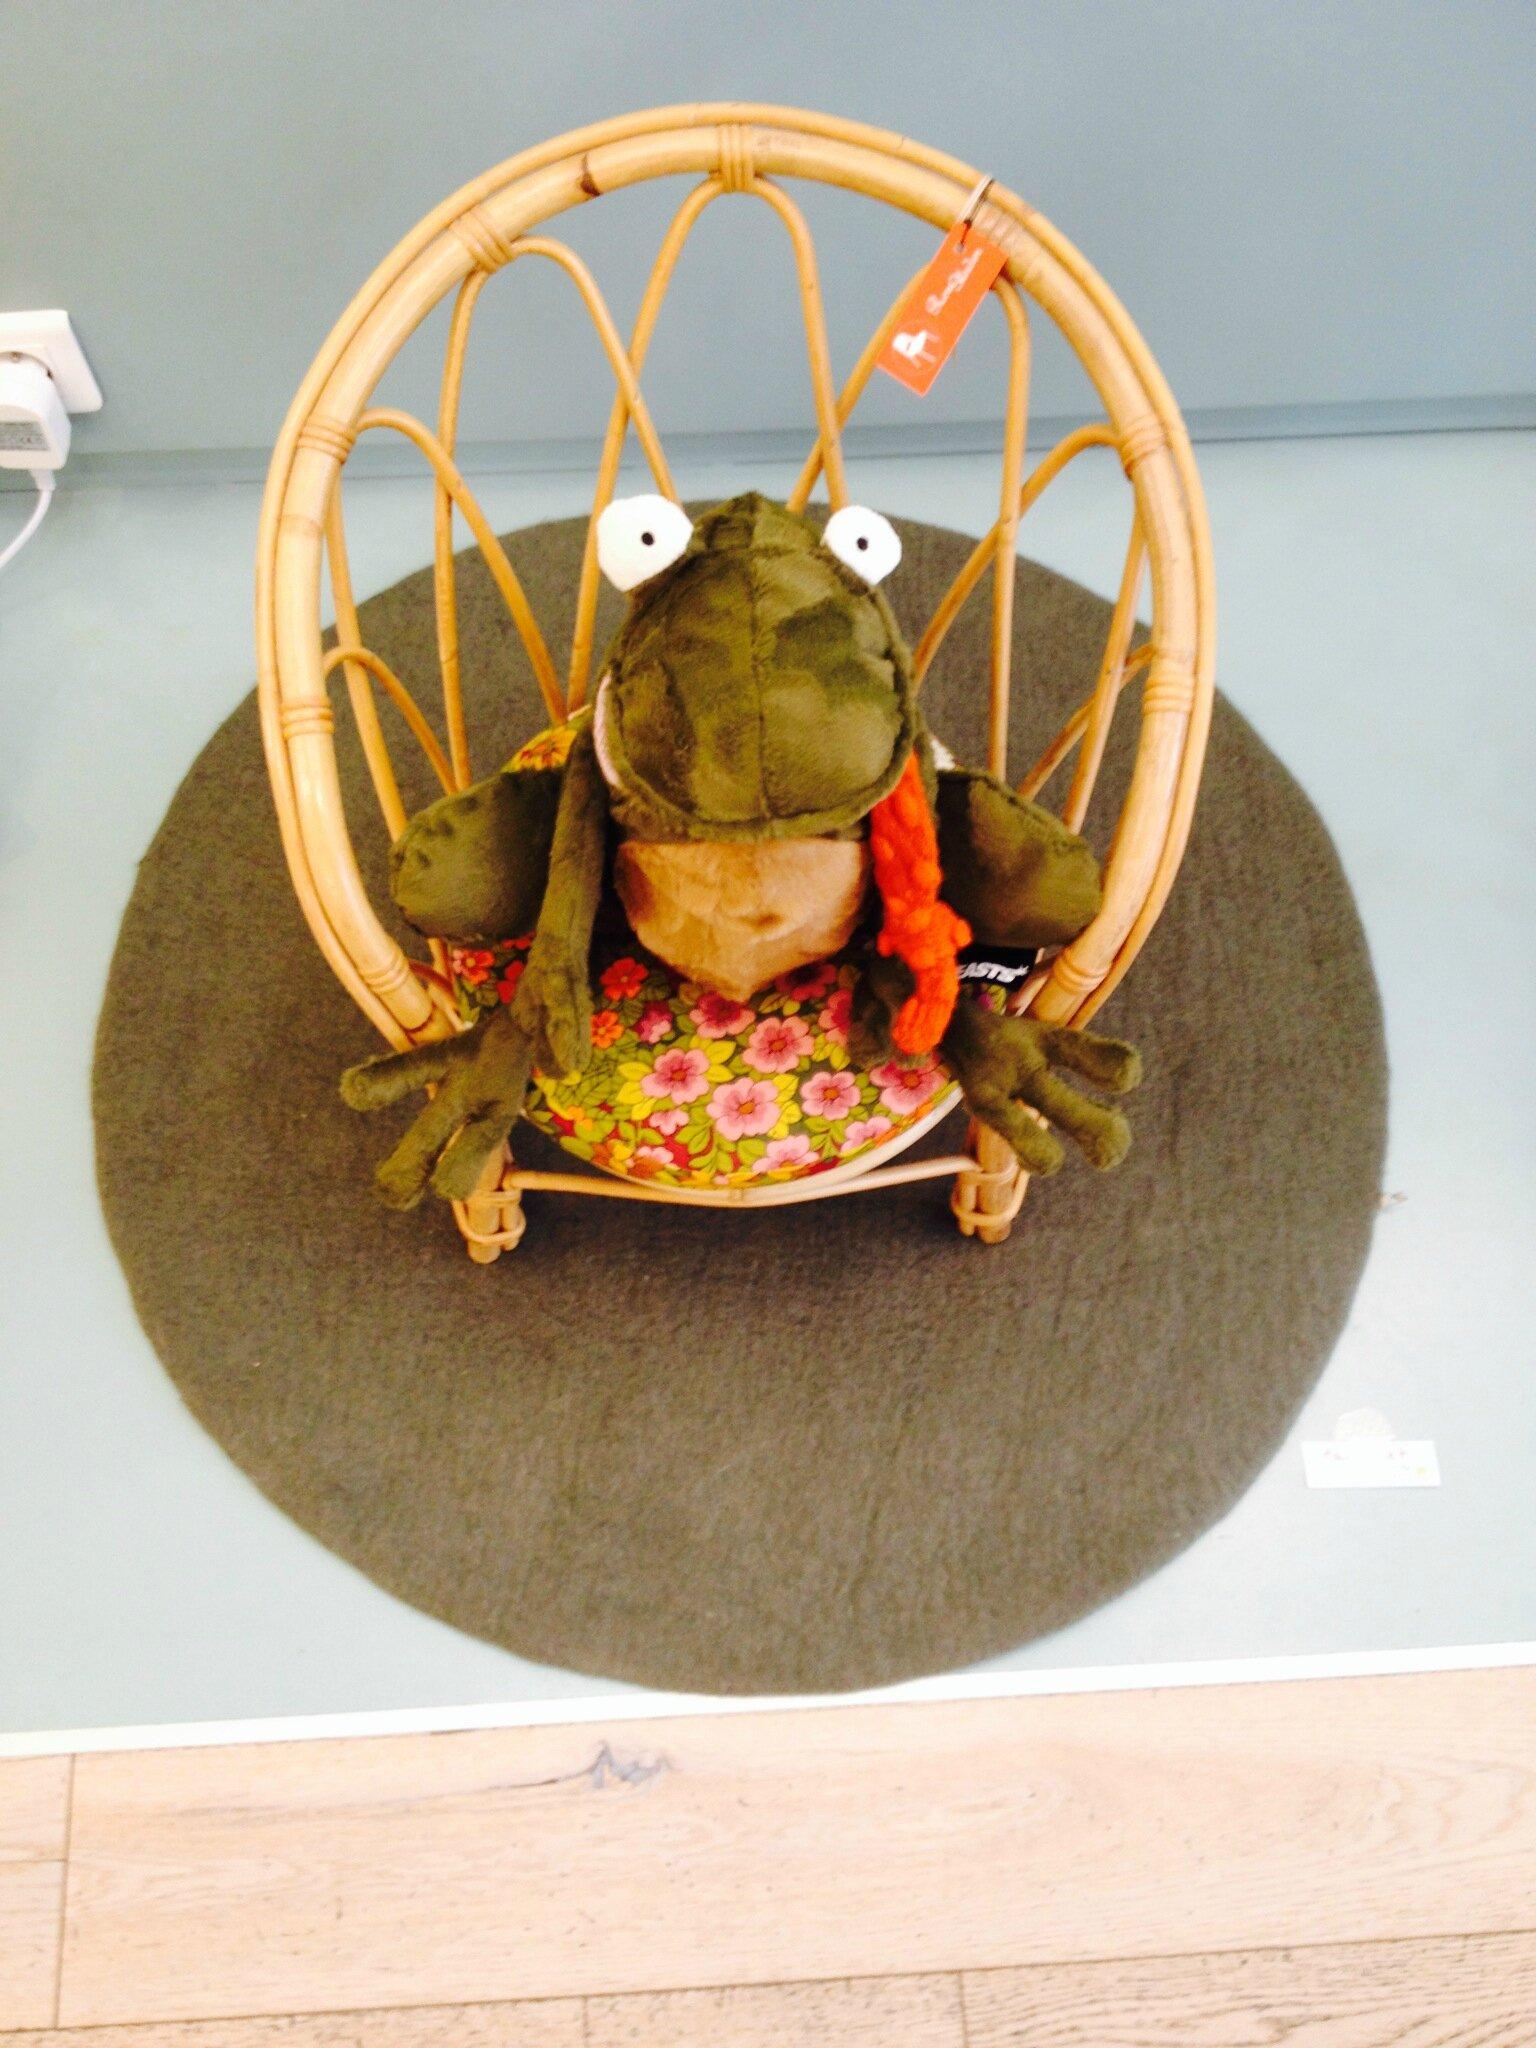 la grenouille au fauteuil - Fauteuil Grenouille